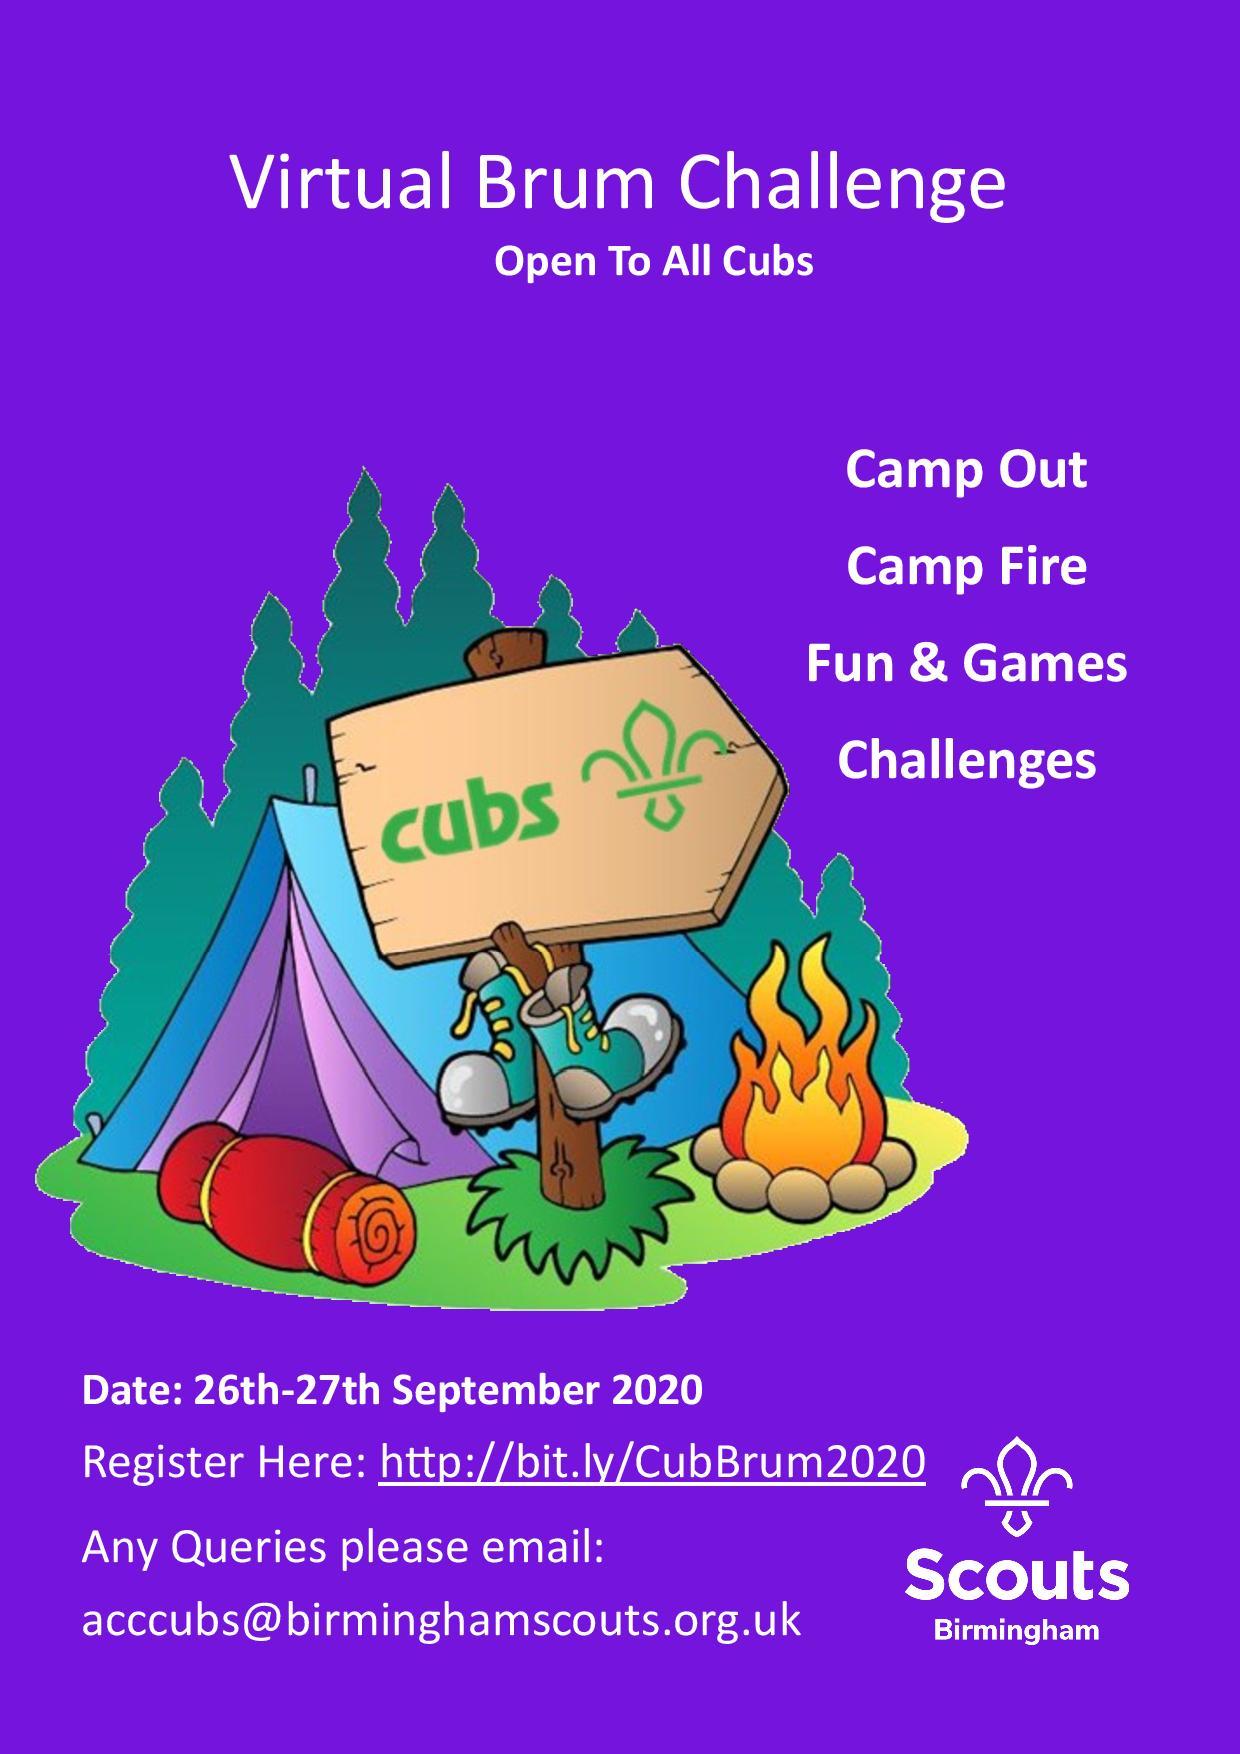 Cub Brum Challenge 2020